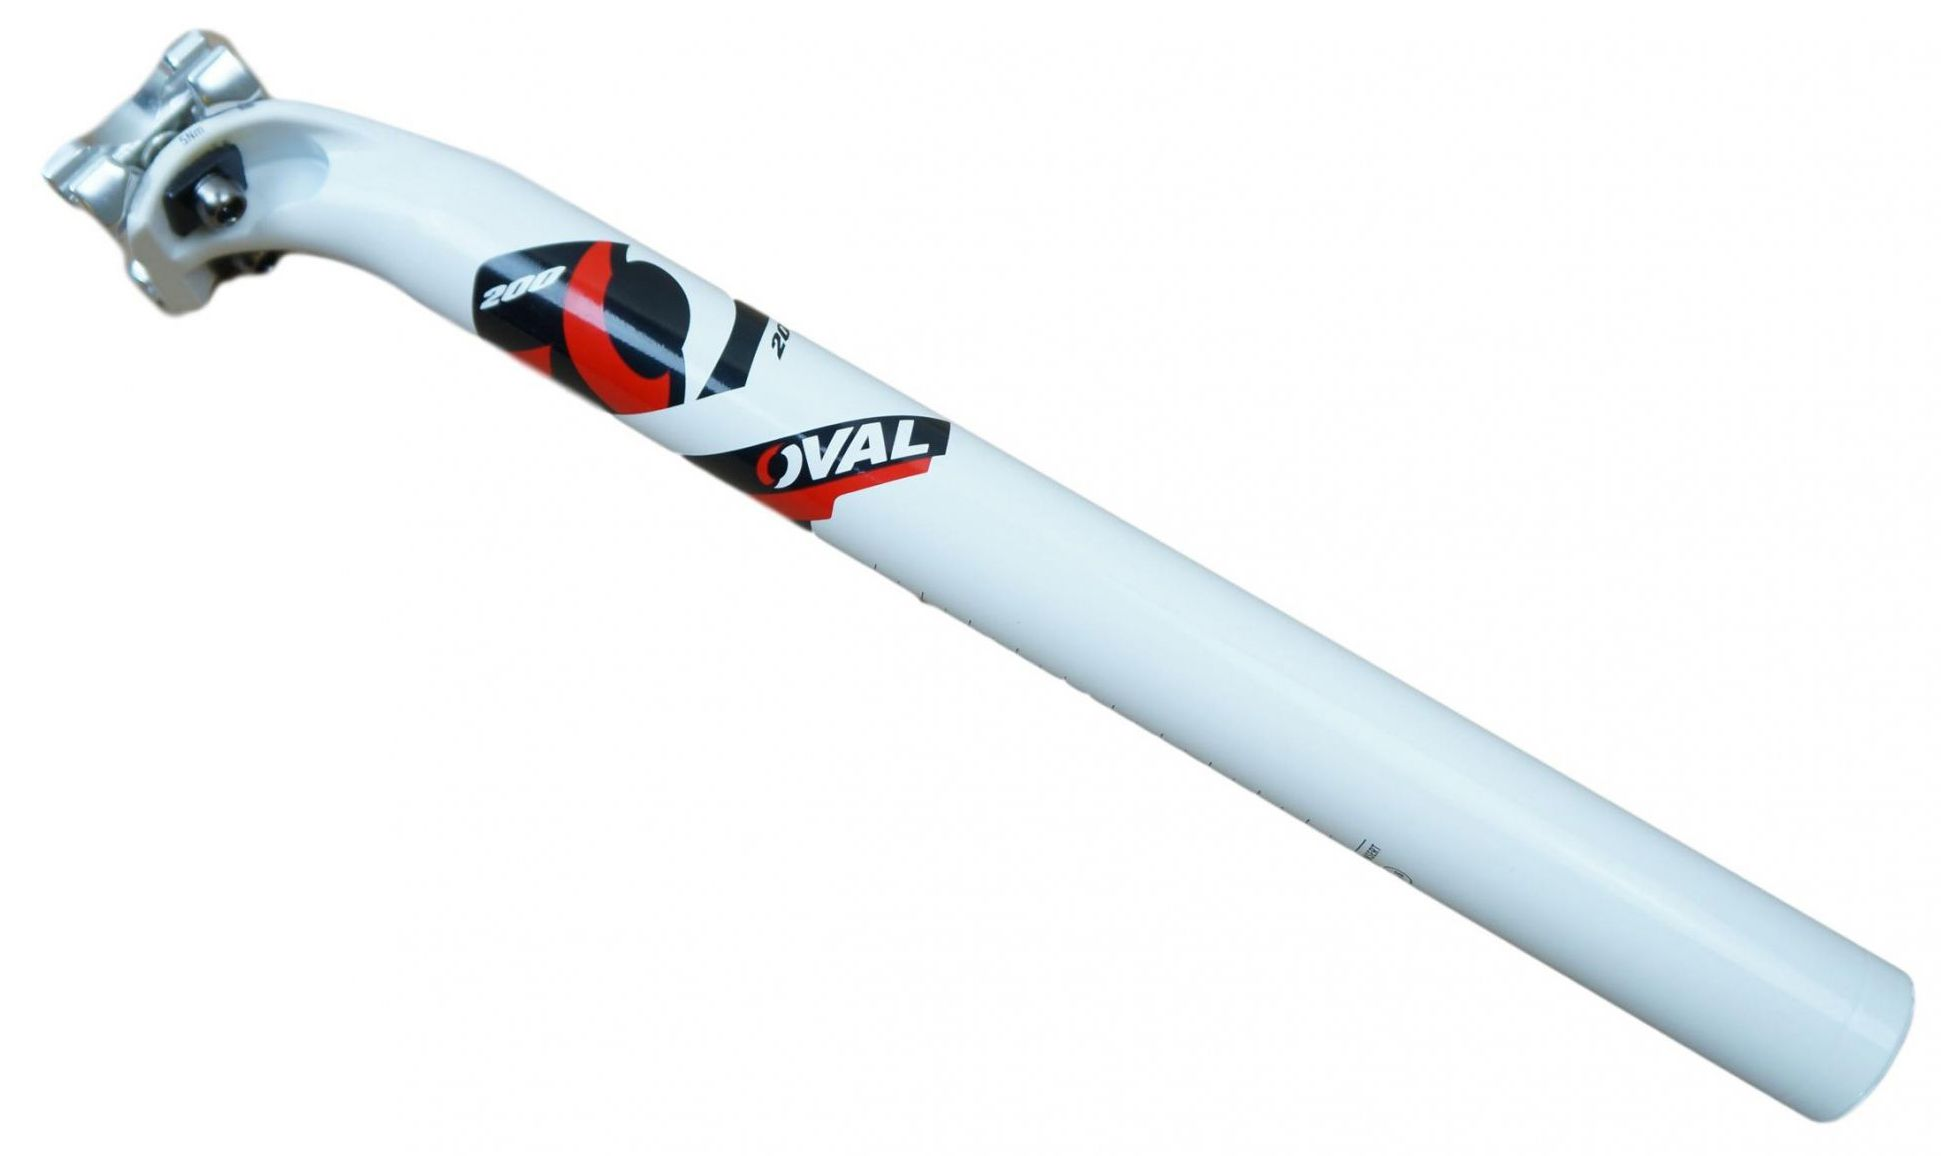 Canote Bicicleta Oval Concepts 200 31.6mm 350mm Em Aluminio Cor Branco com Vermelho